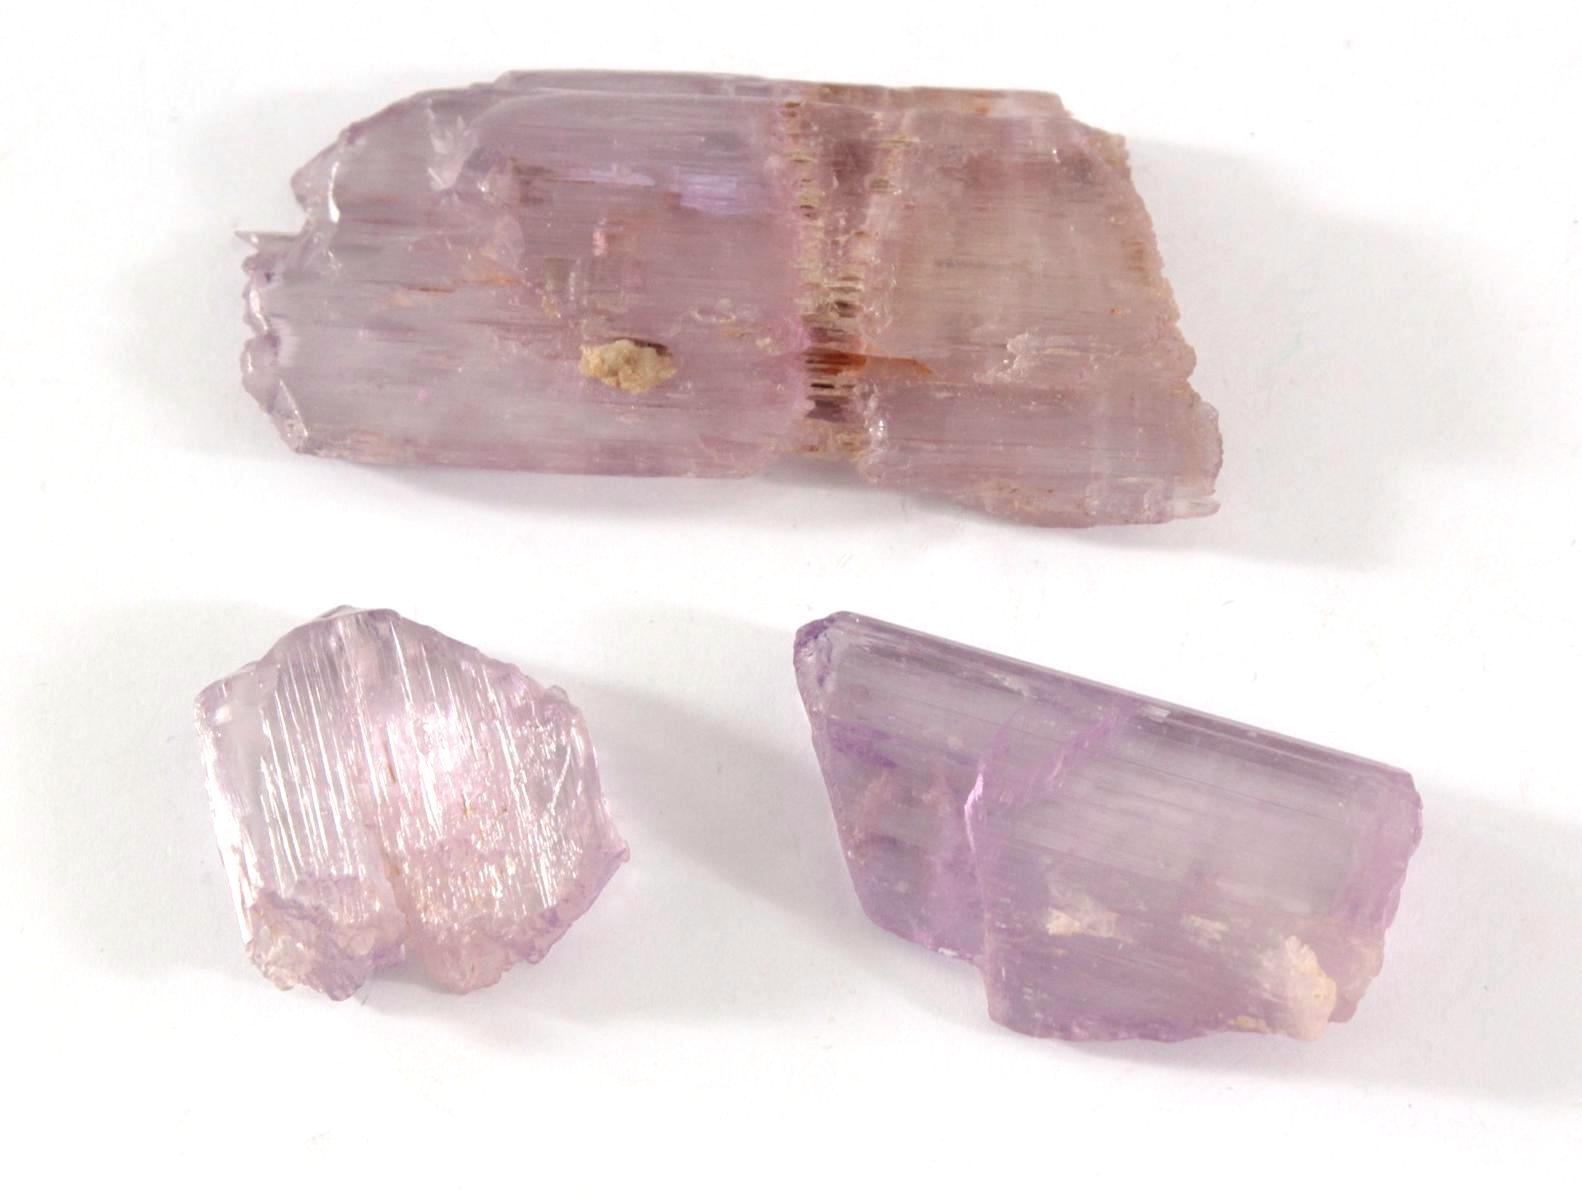 Kunzit, rosa Edelstein des Minerals Spodumen